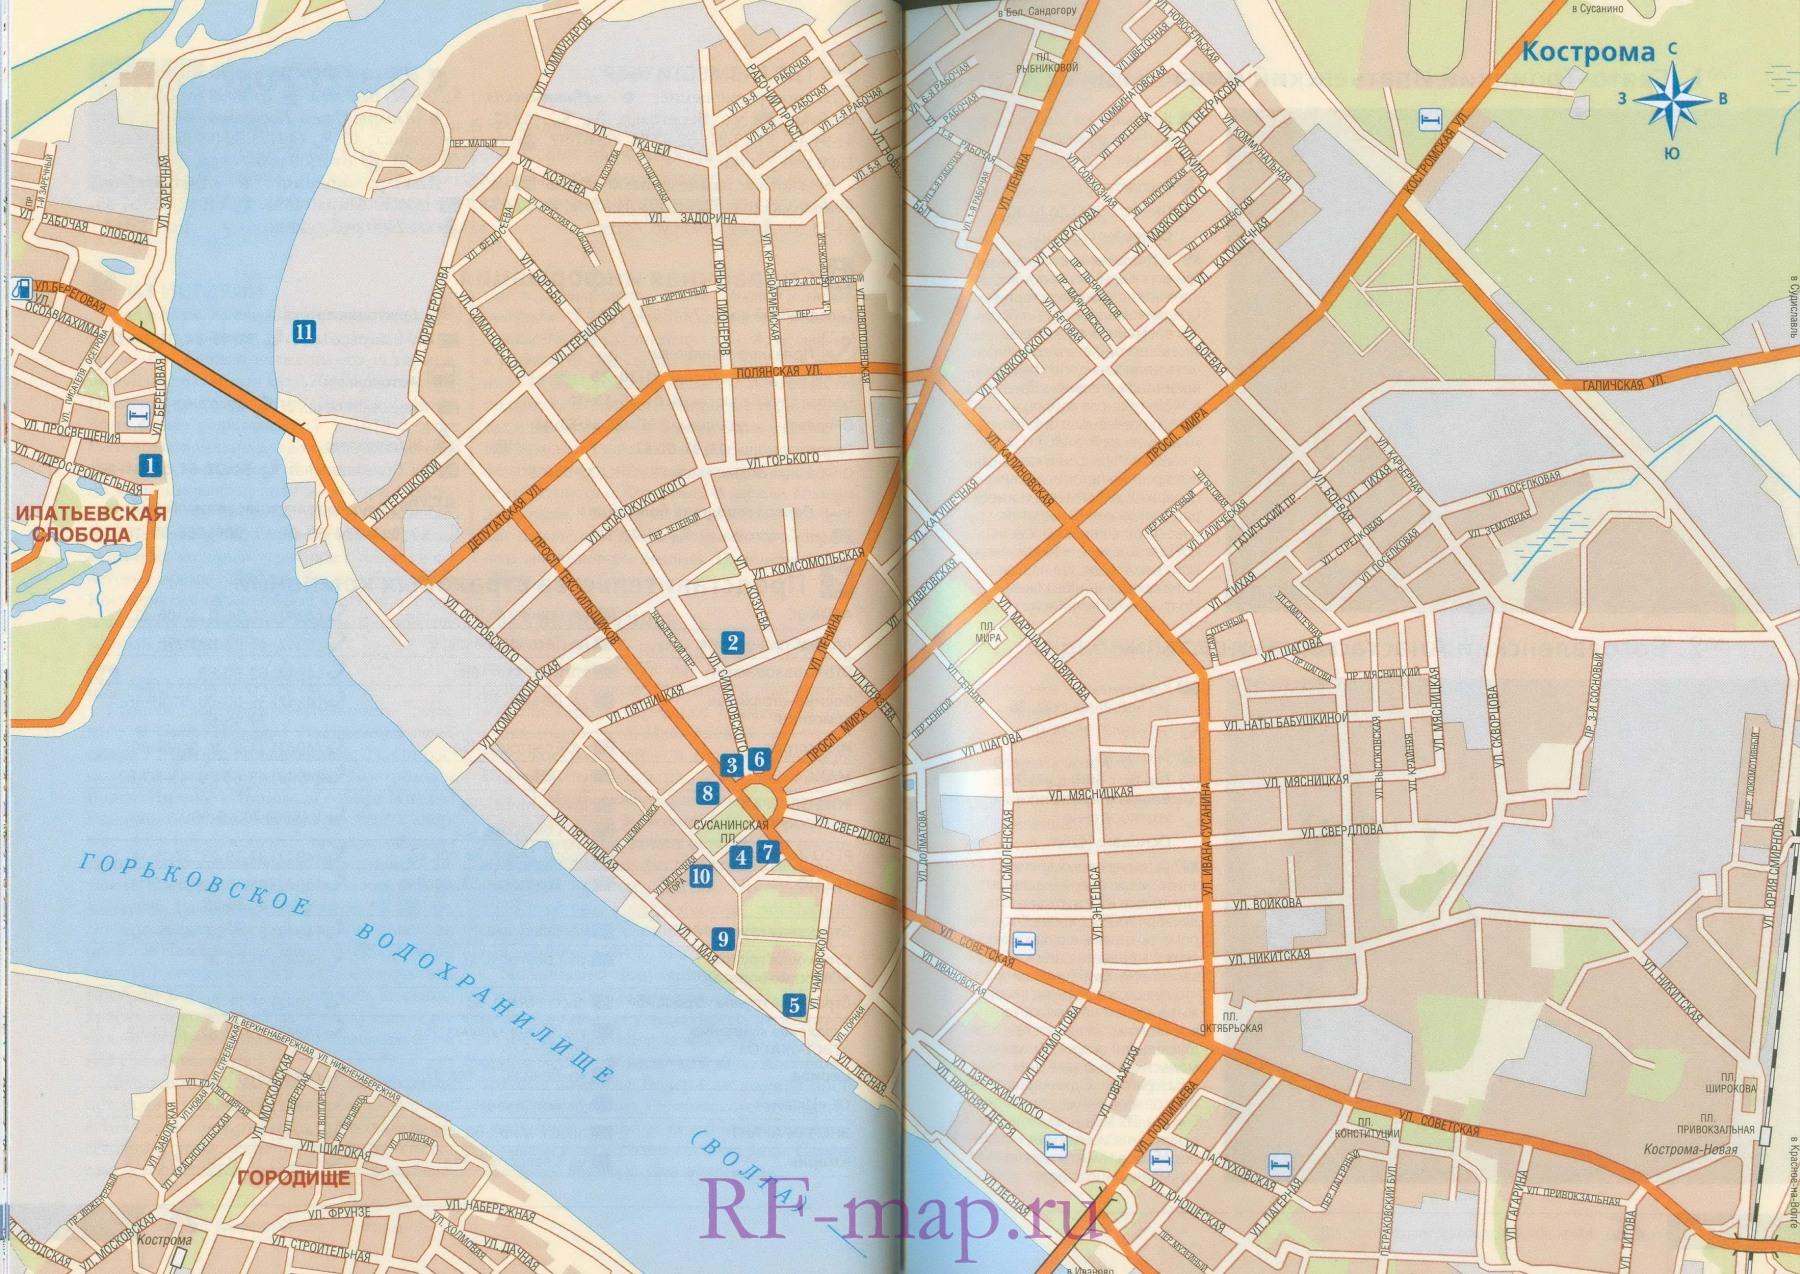 Автомобильная карта схема Костромы.  Подробная схема г.Кострома с названиями улиц.